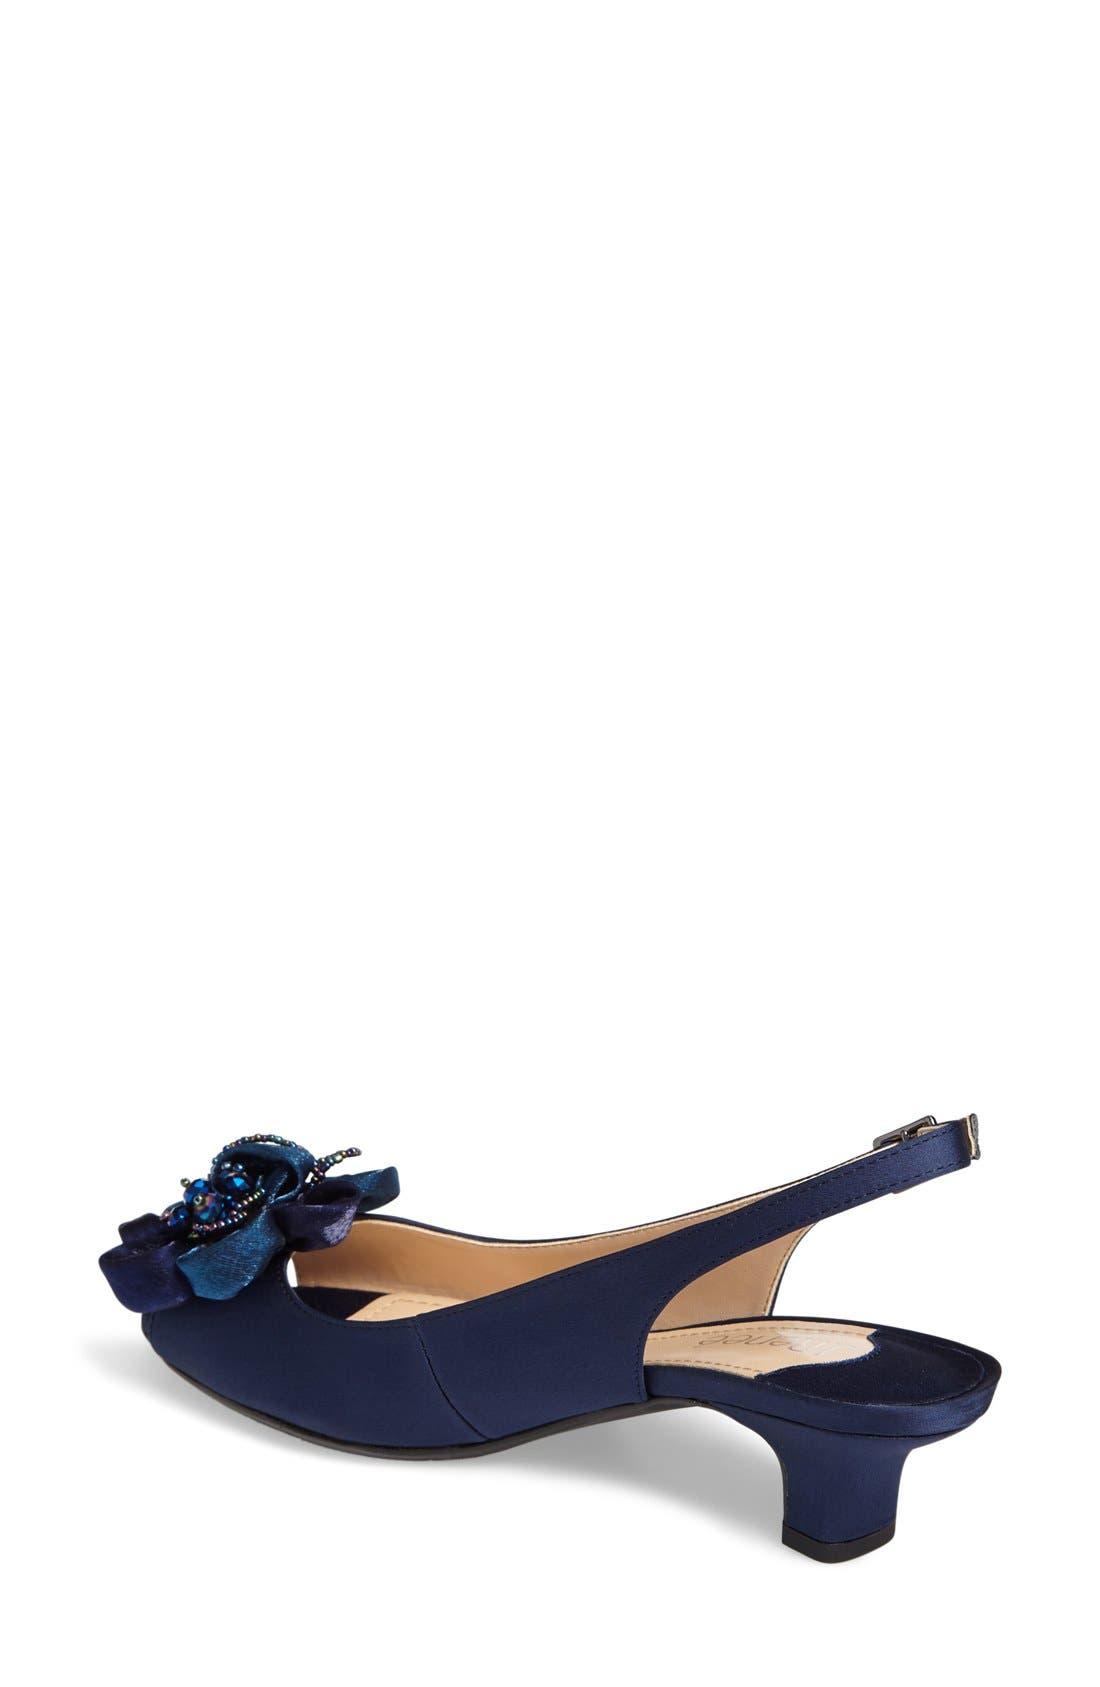 Leonelle Slingback Crystal Embellished Sandal,                             Alternate thumbnail 2, color,                             Navy Satin